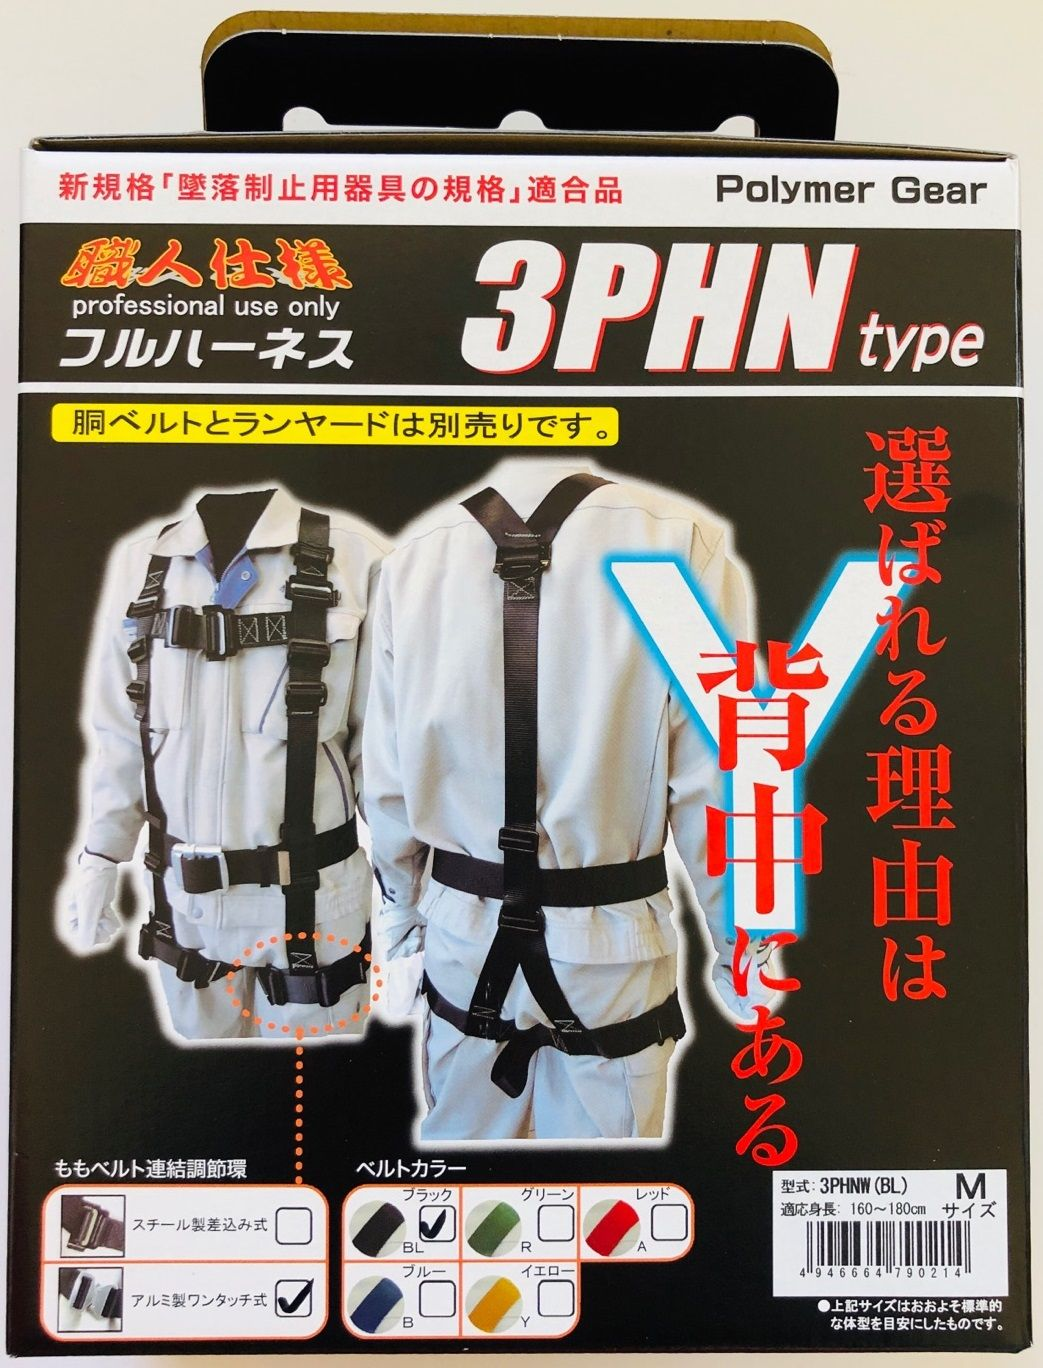 ポリマーギヤ 3PHNW-BL ハーネス型安全帯 腿ベルトワンタッチバックル 黒